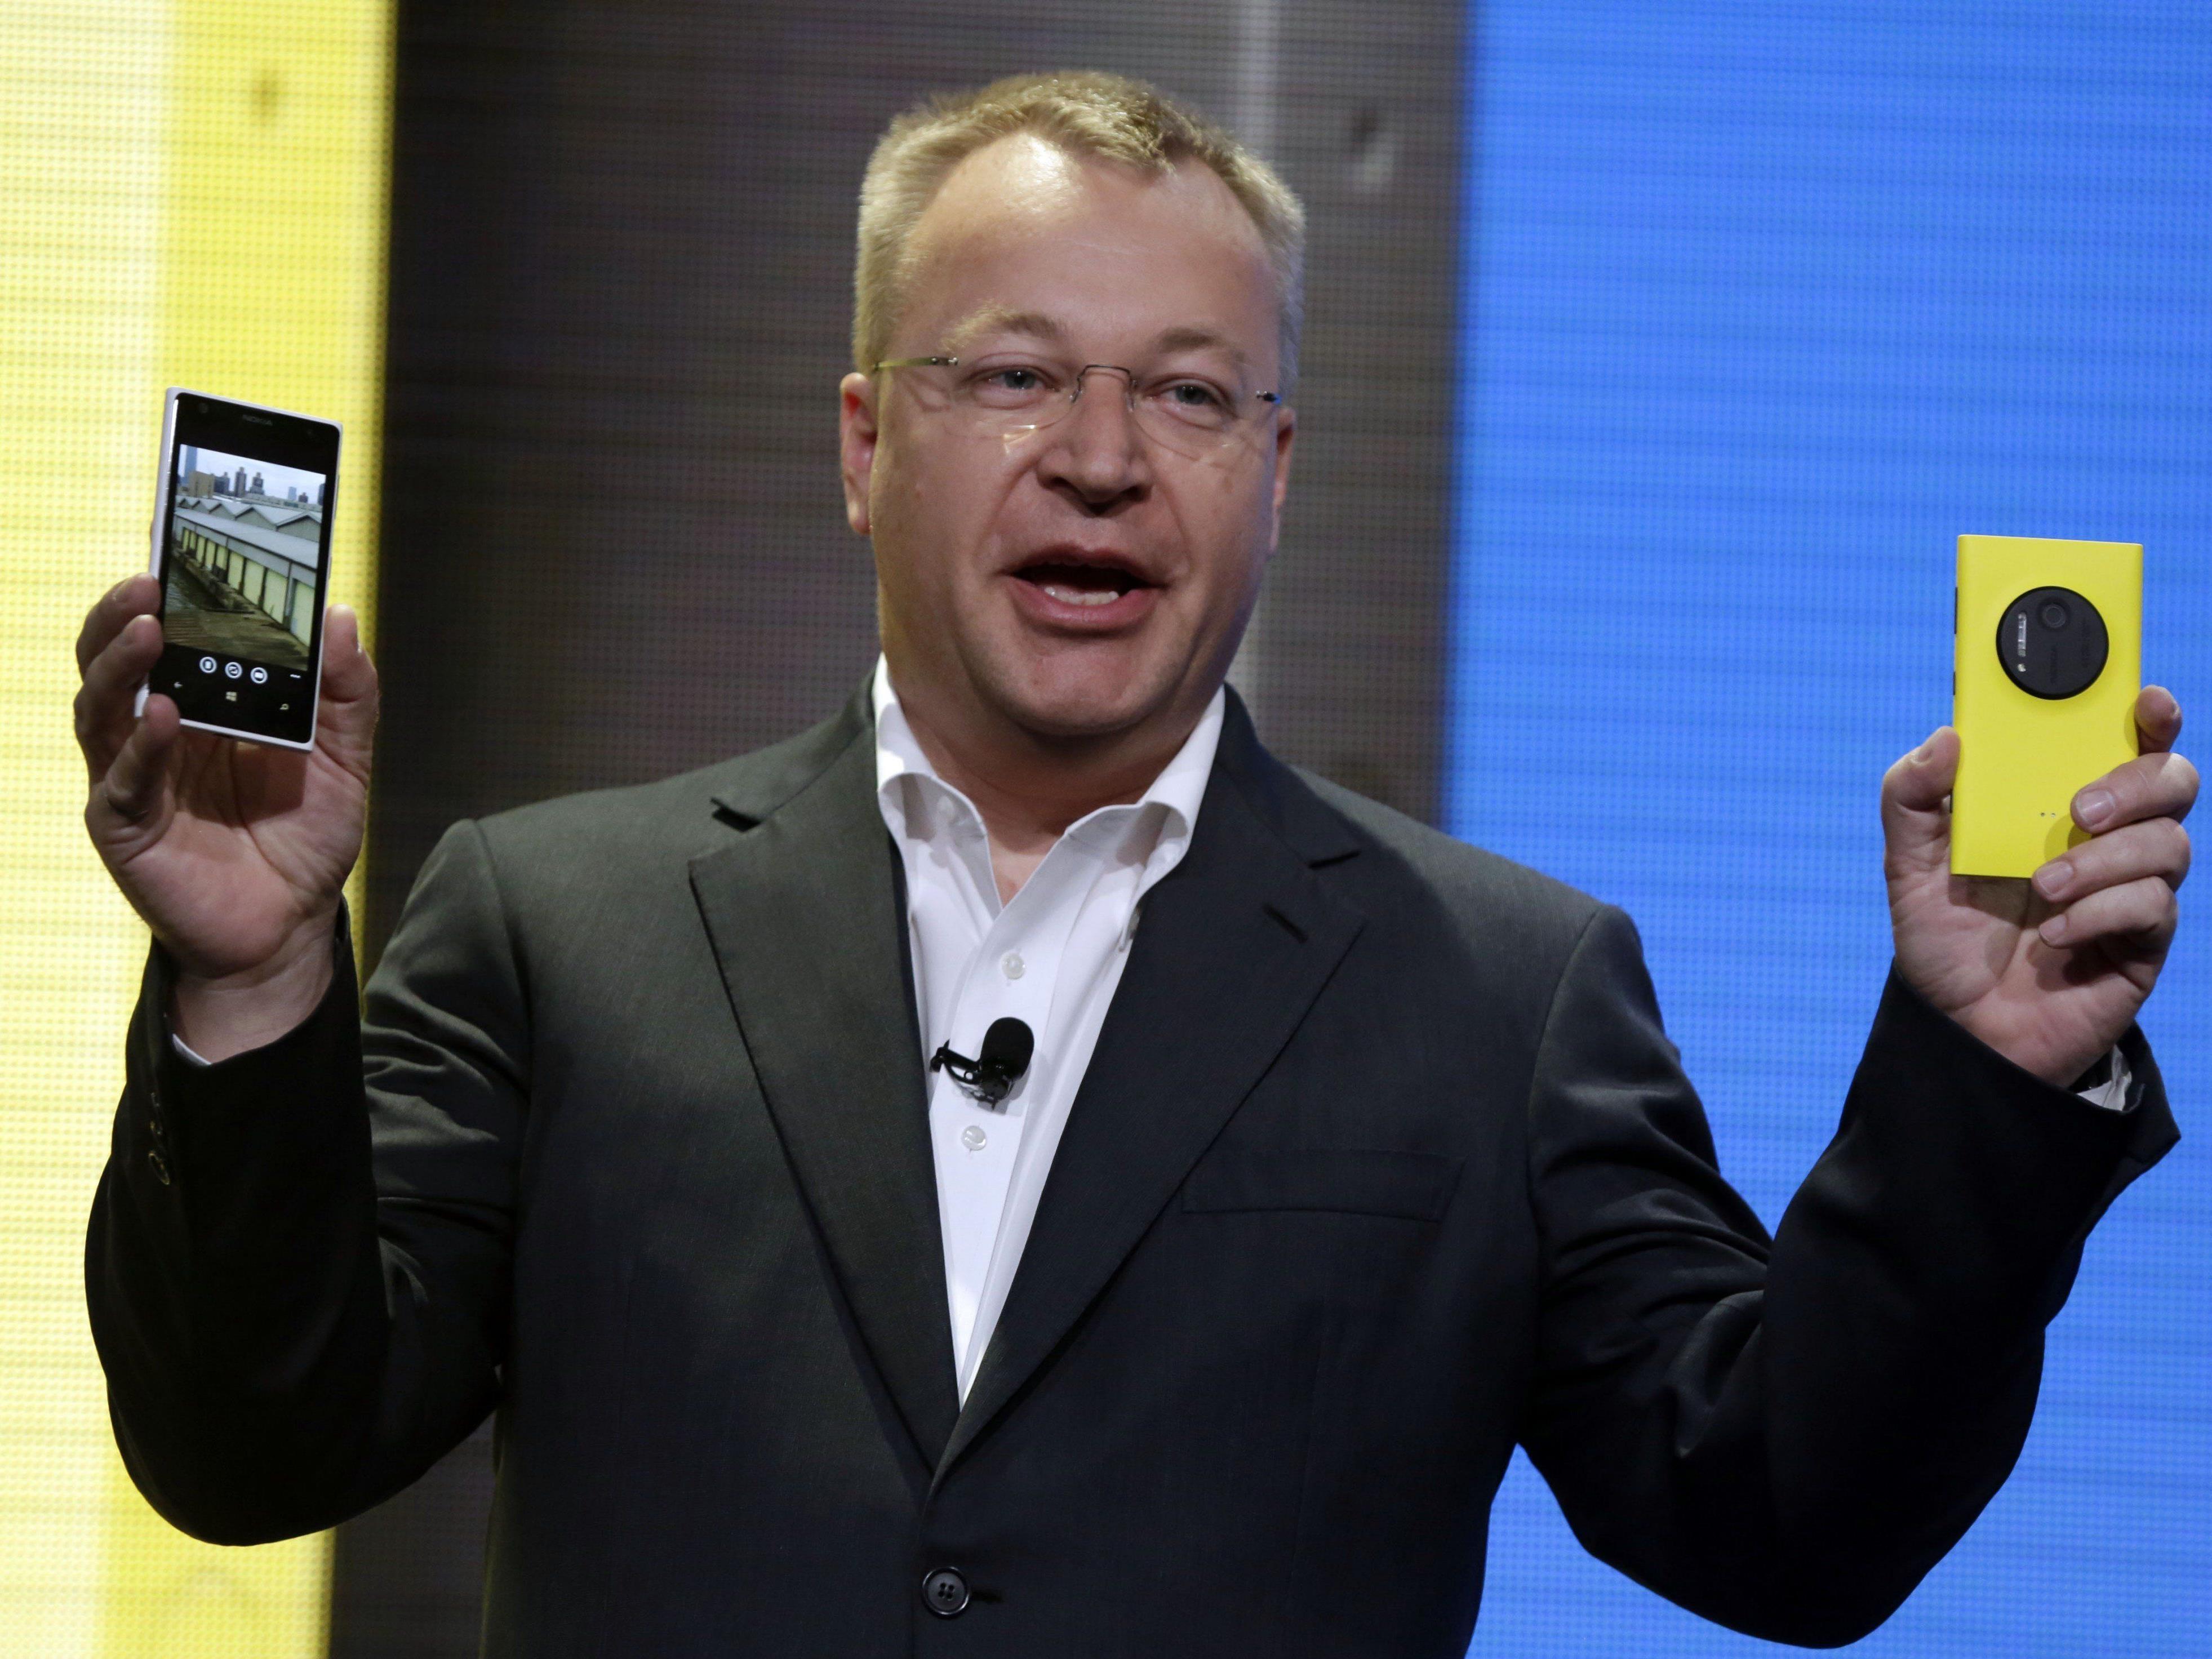 Mit Windows Phone war Elop bei Microsoft nicht sonderlich erfolgreich.